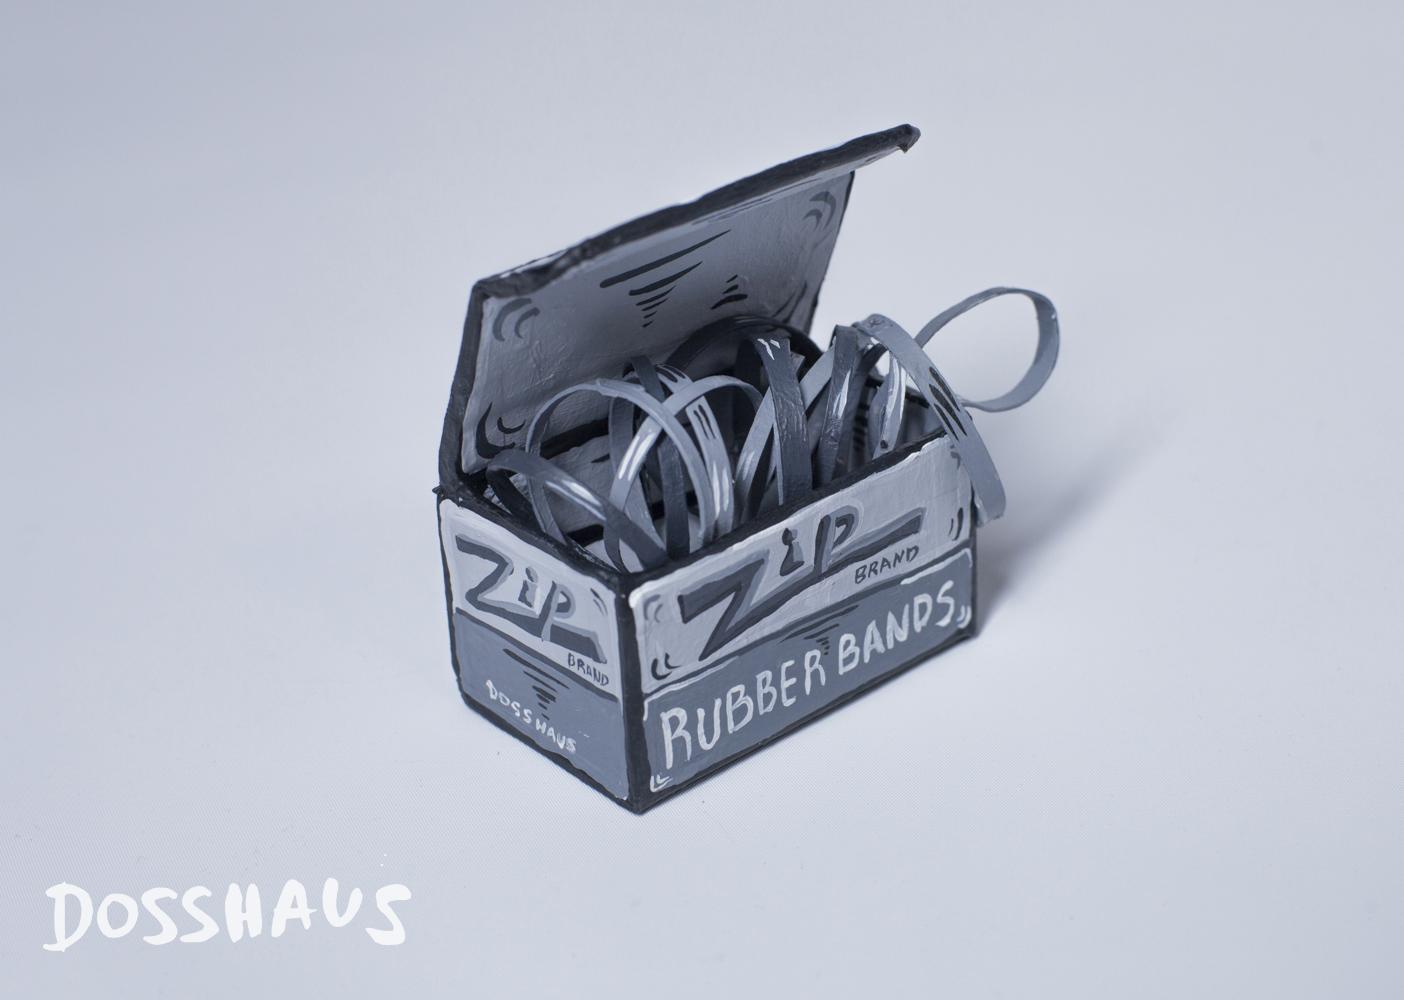 Rubber Bands 1.jpg